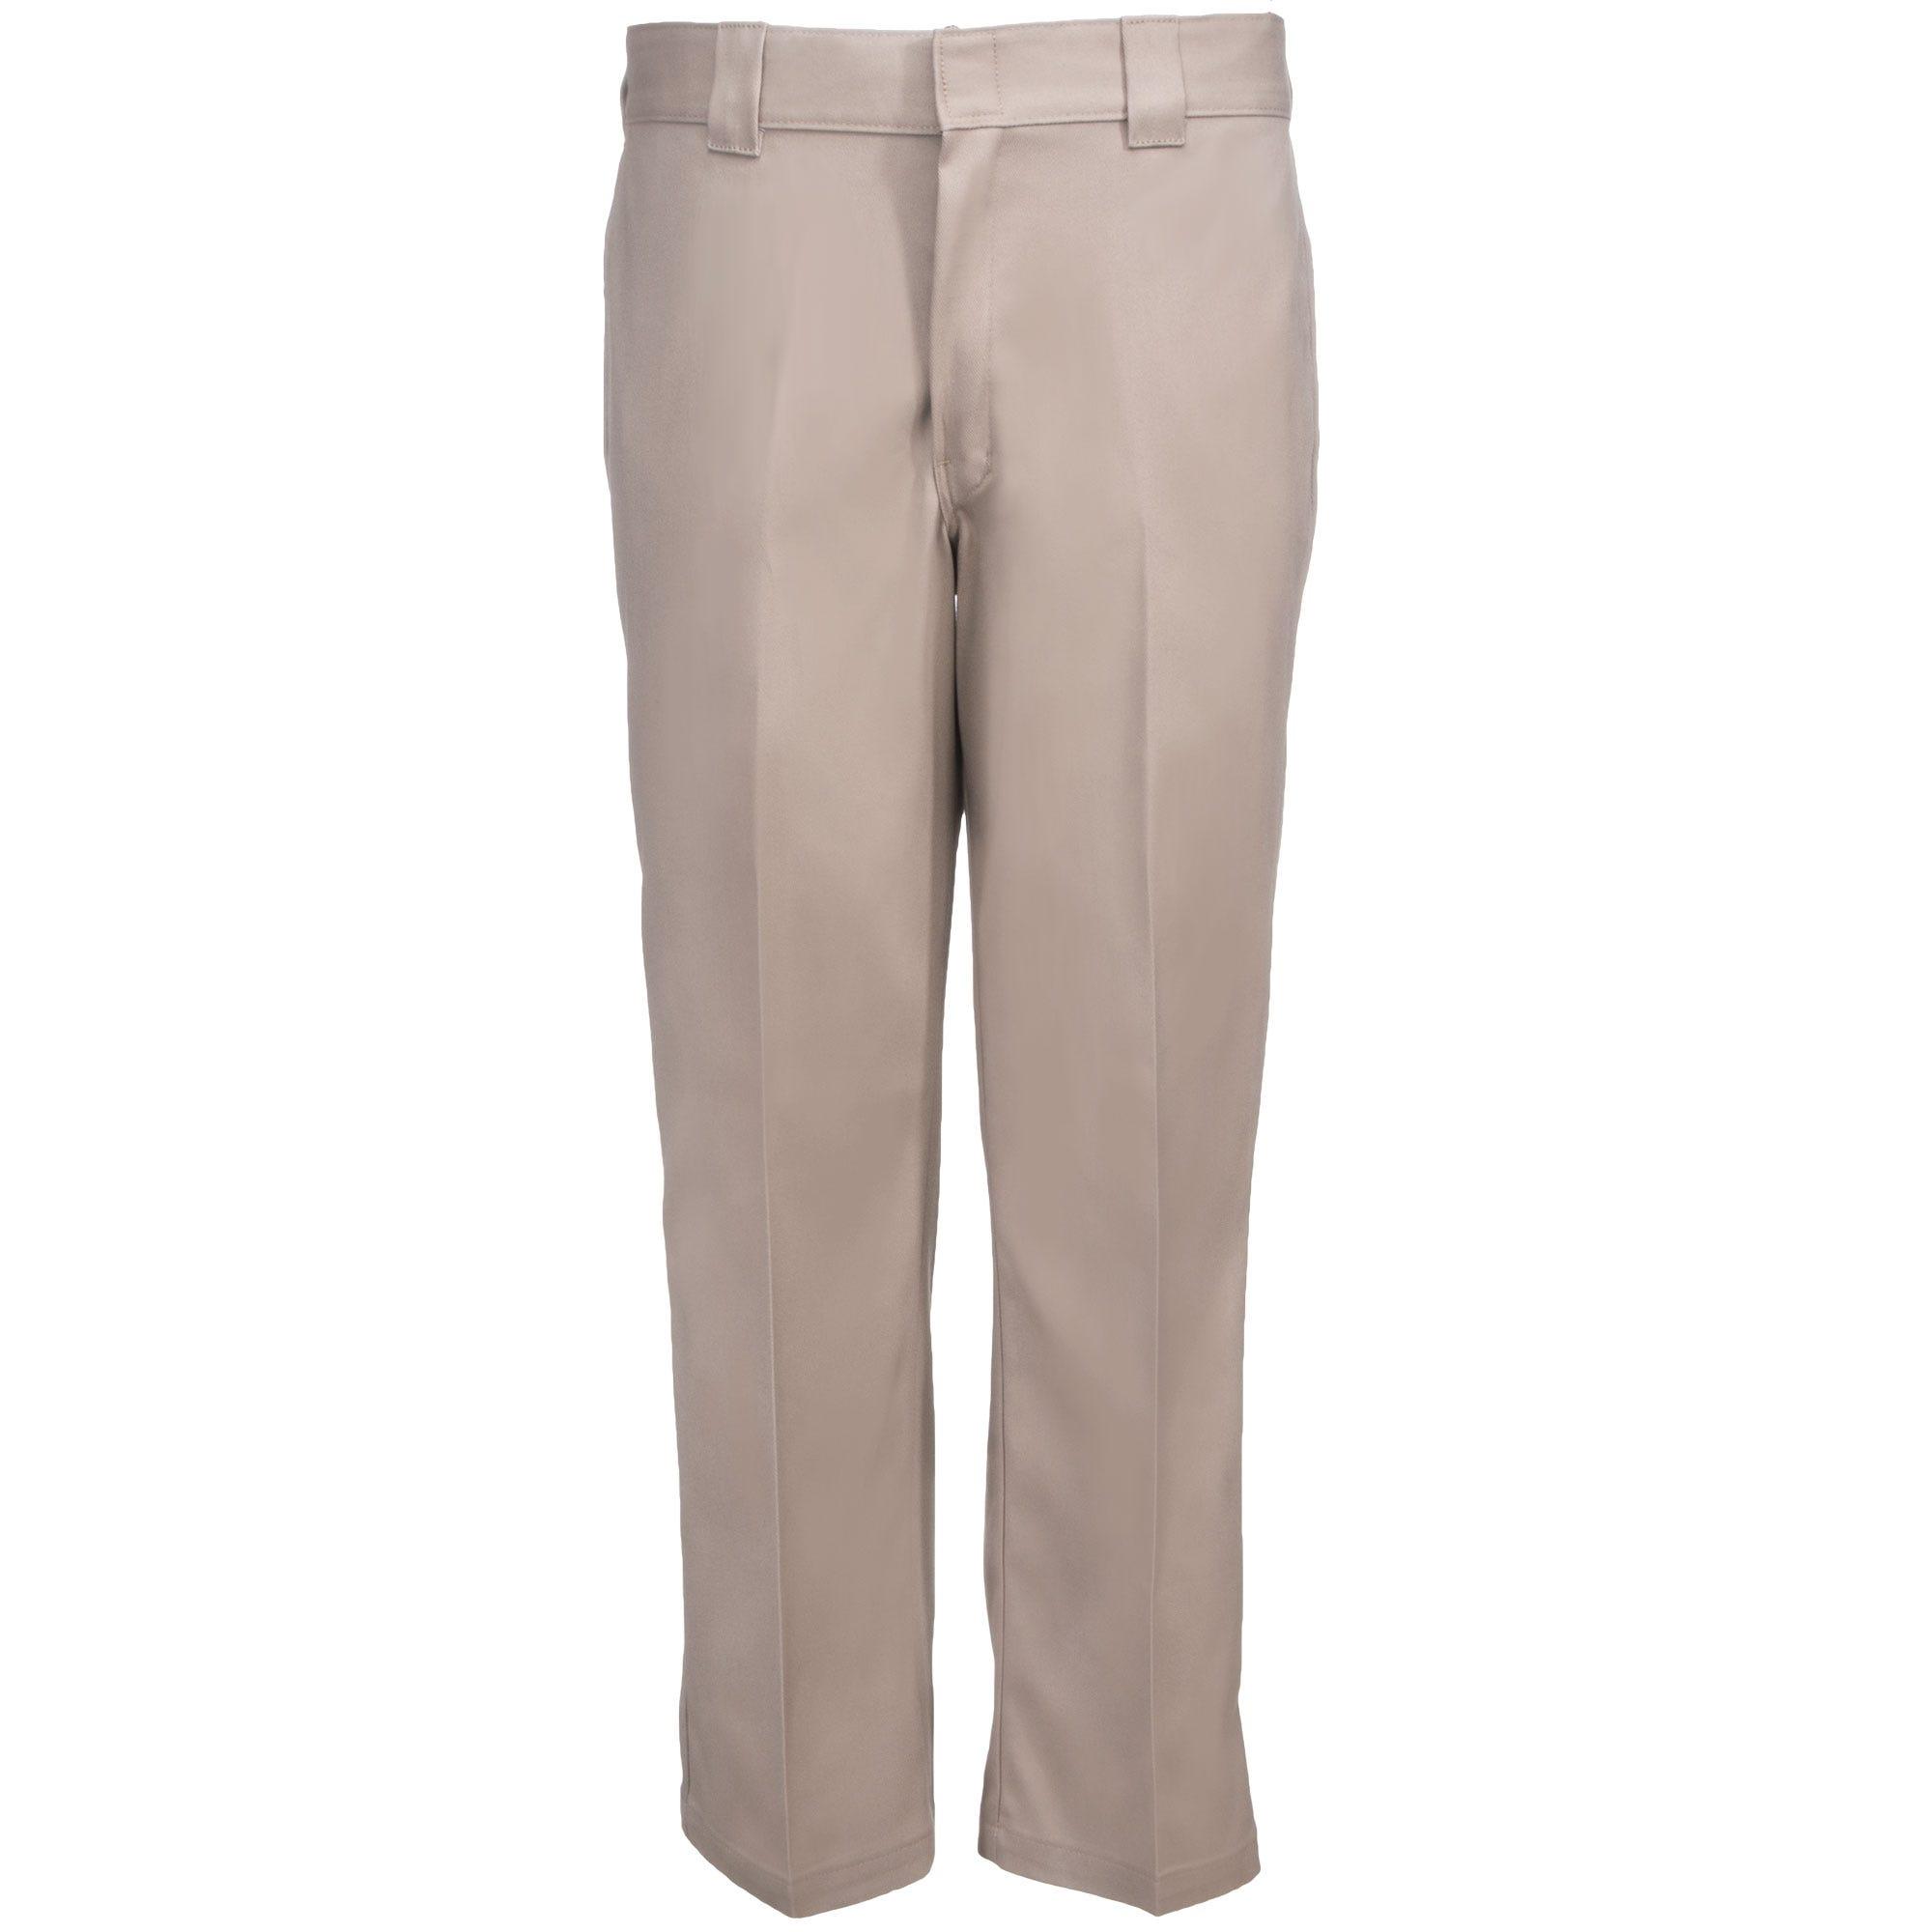 Dickies Desert Sand 874 FDS Wrinkle-Resistant Work Pants